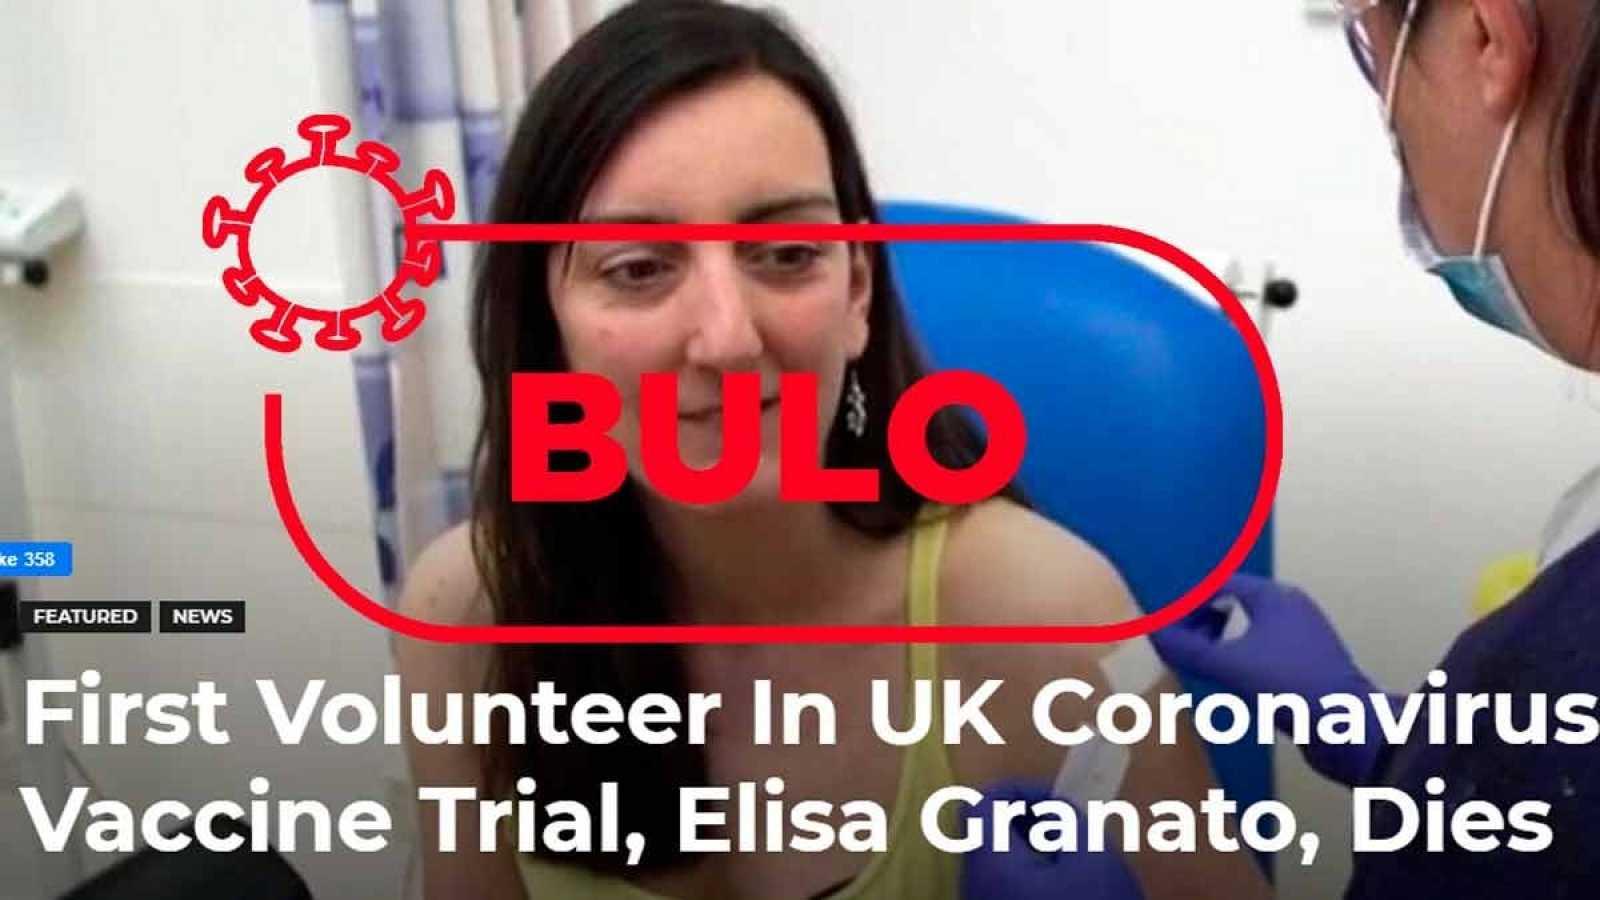 Captura de la imagen que ilustra el bulo sobre la muerte de la persona que se sometió a la vacuna del coronavirus